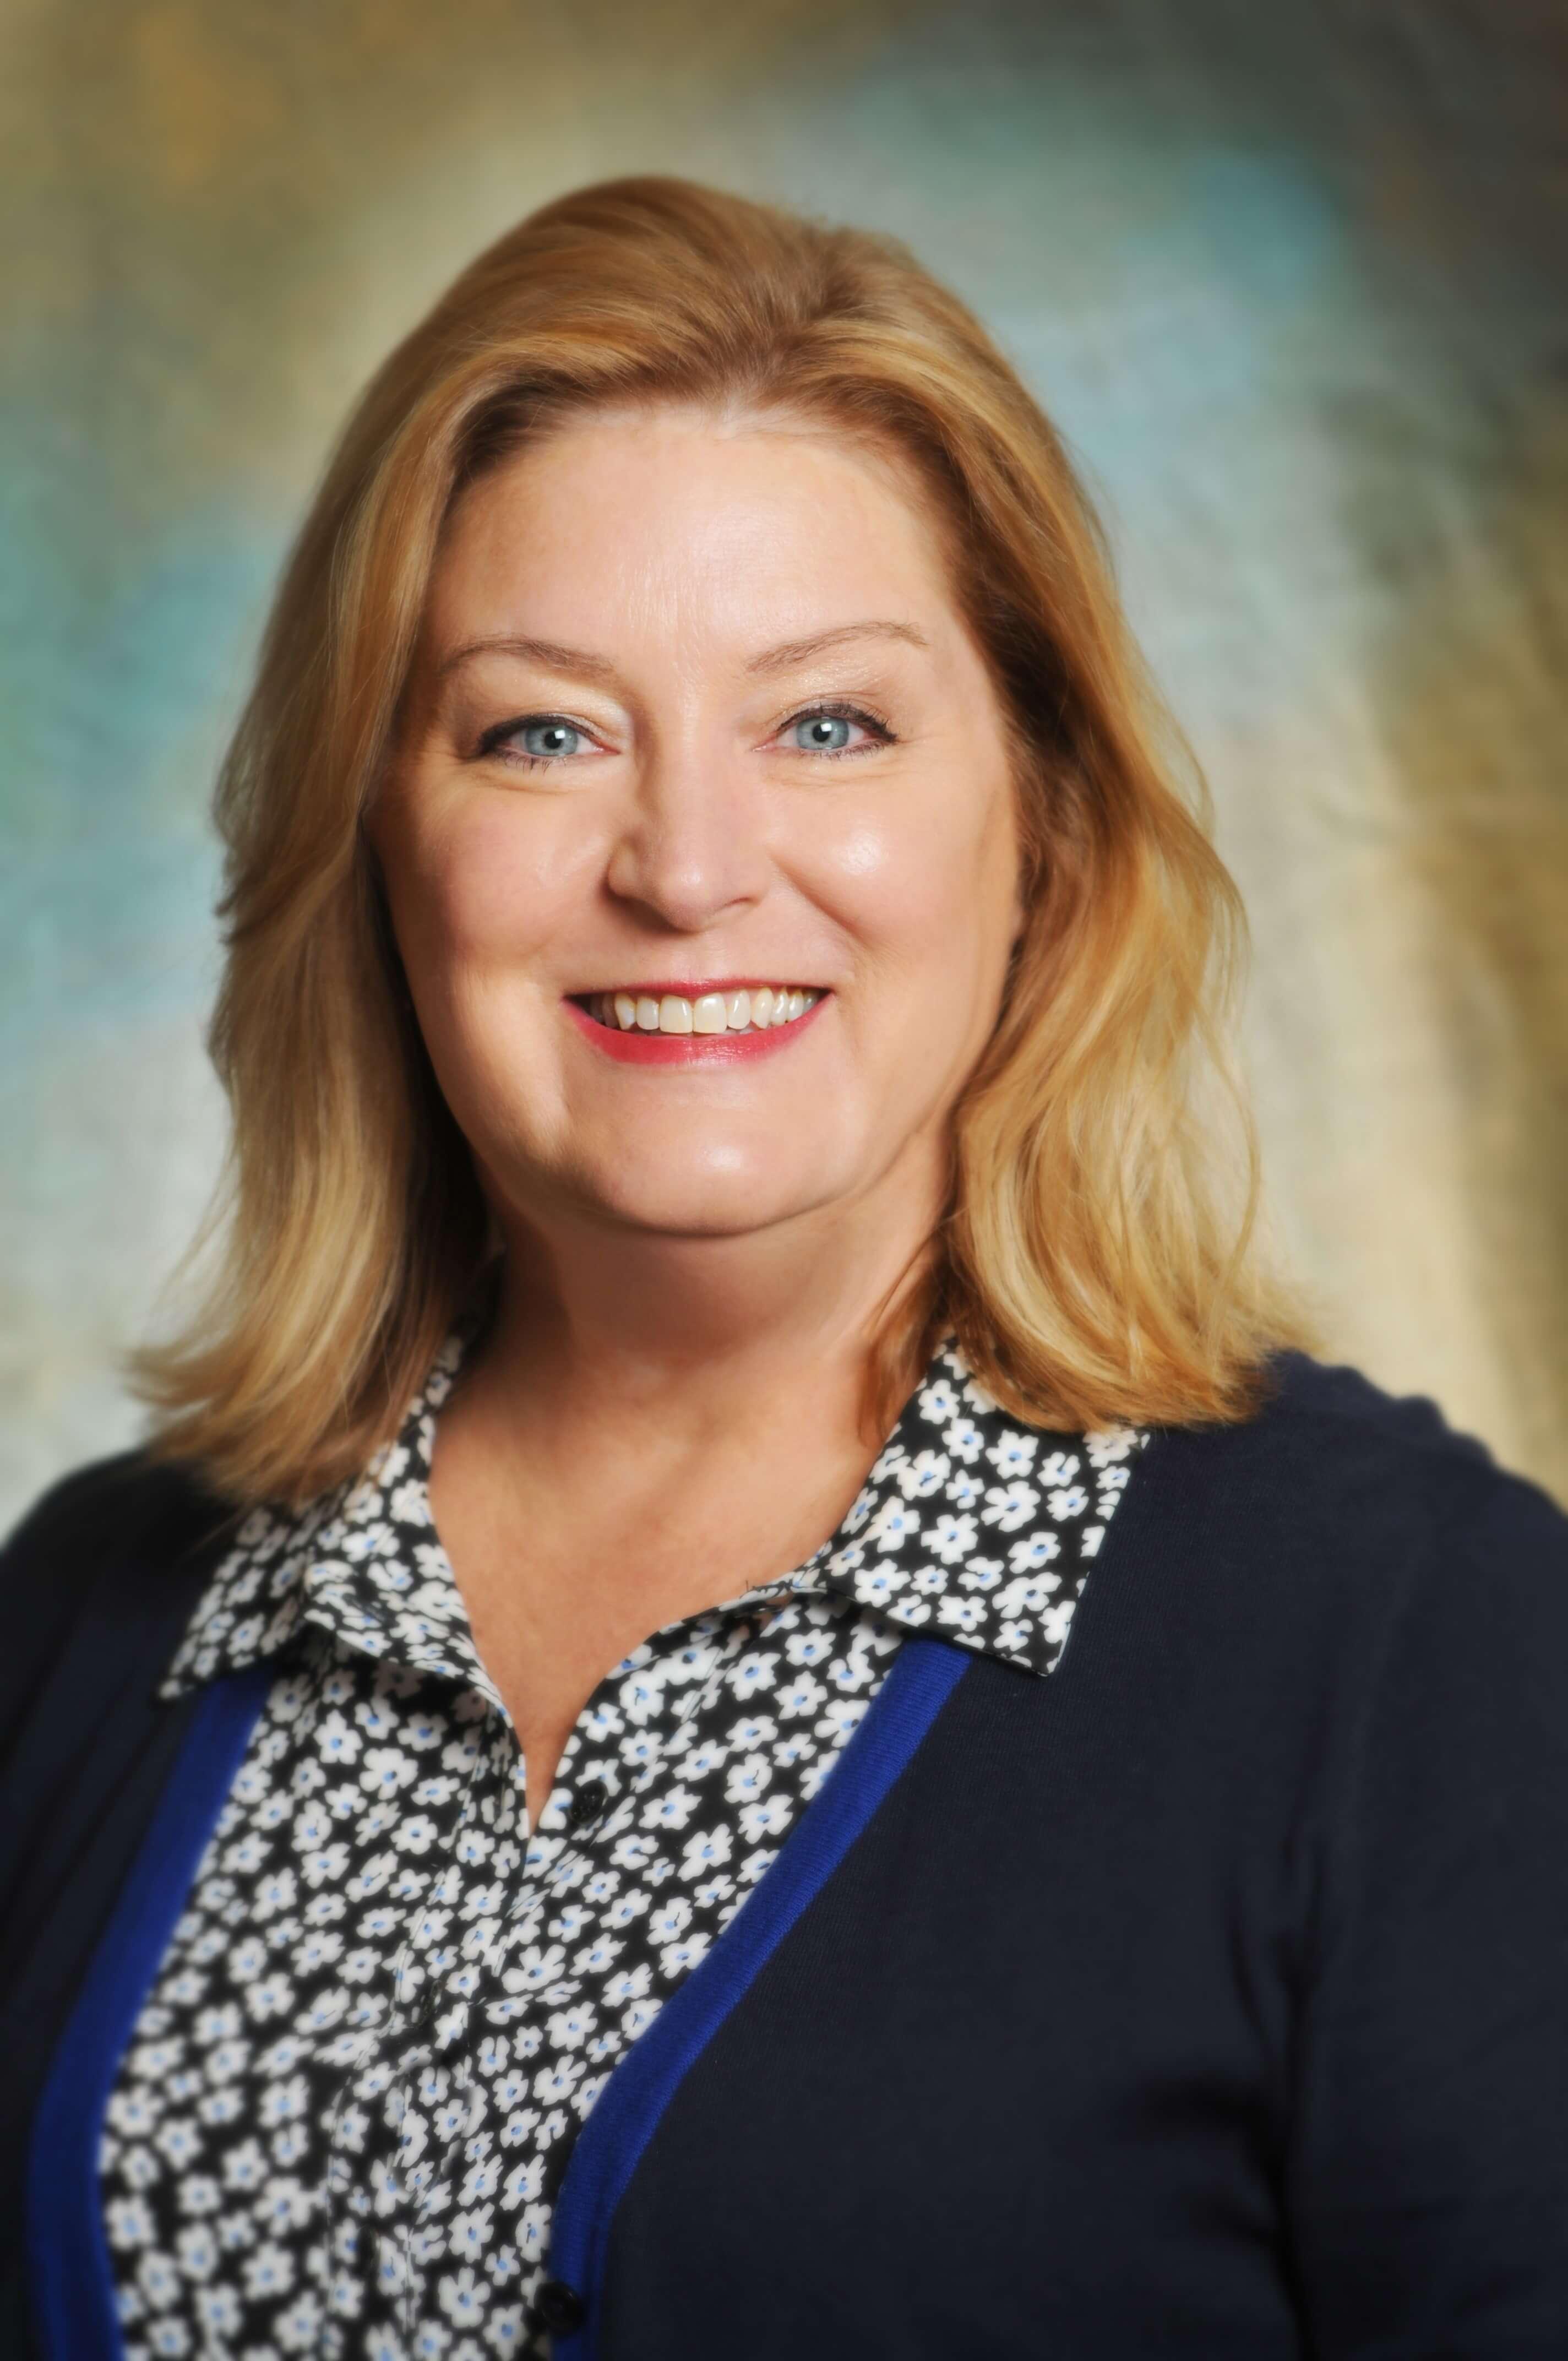 Allison Worthington